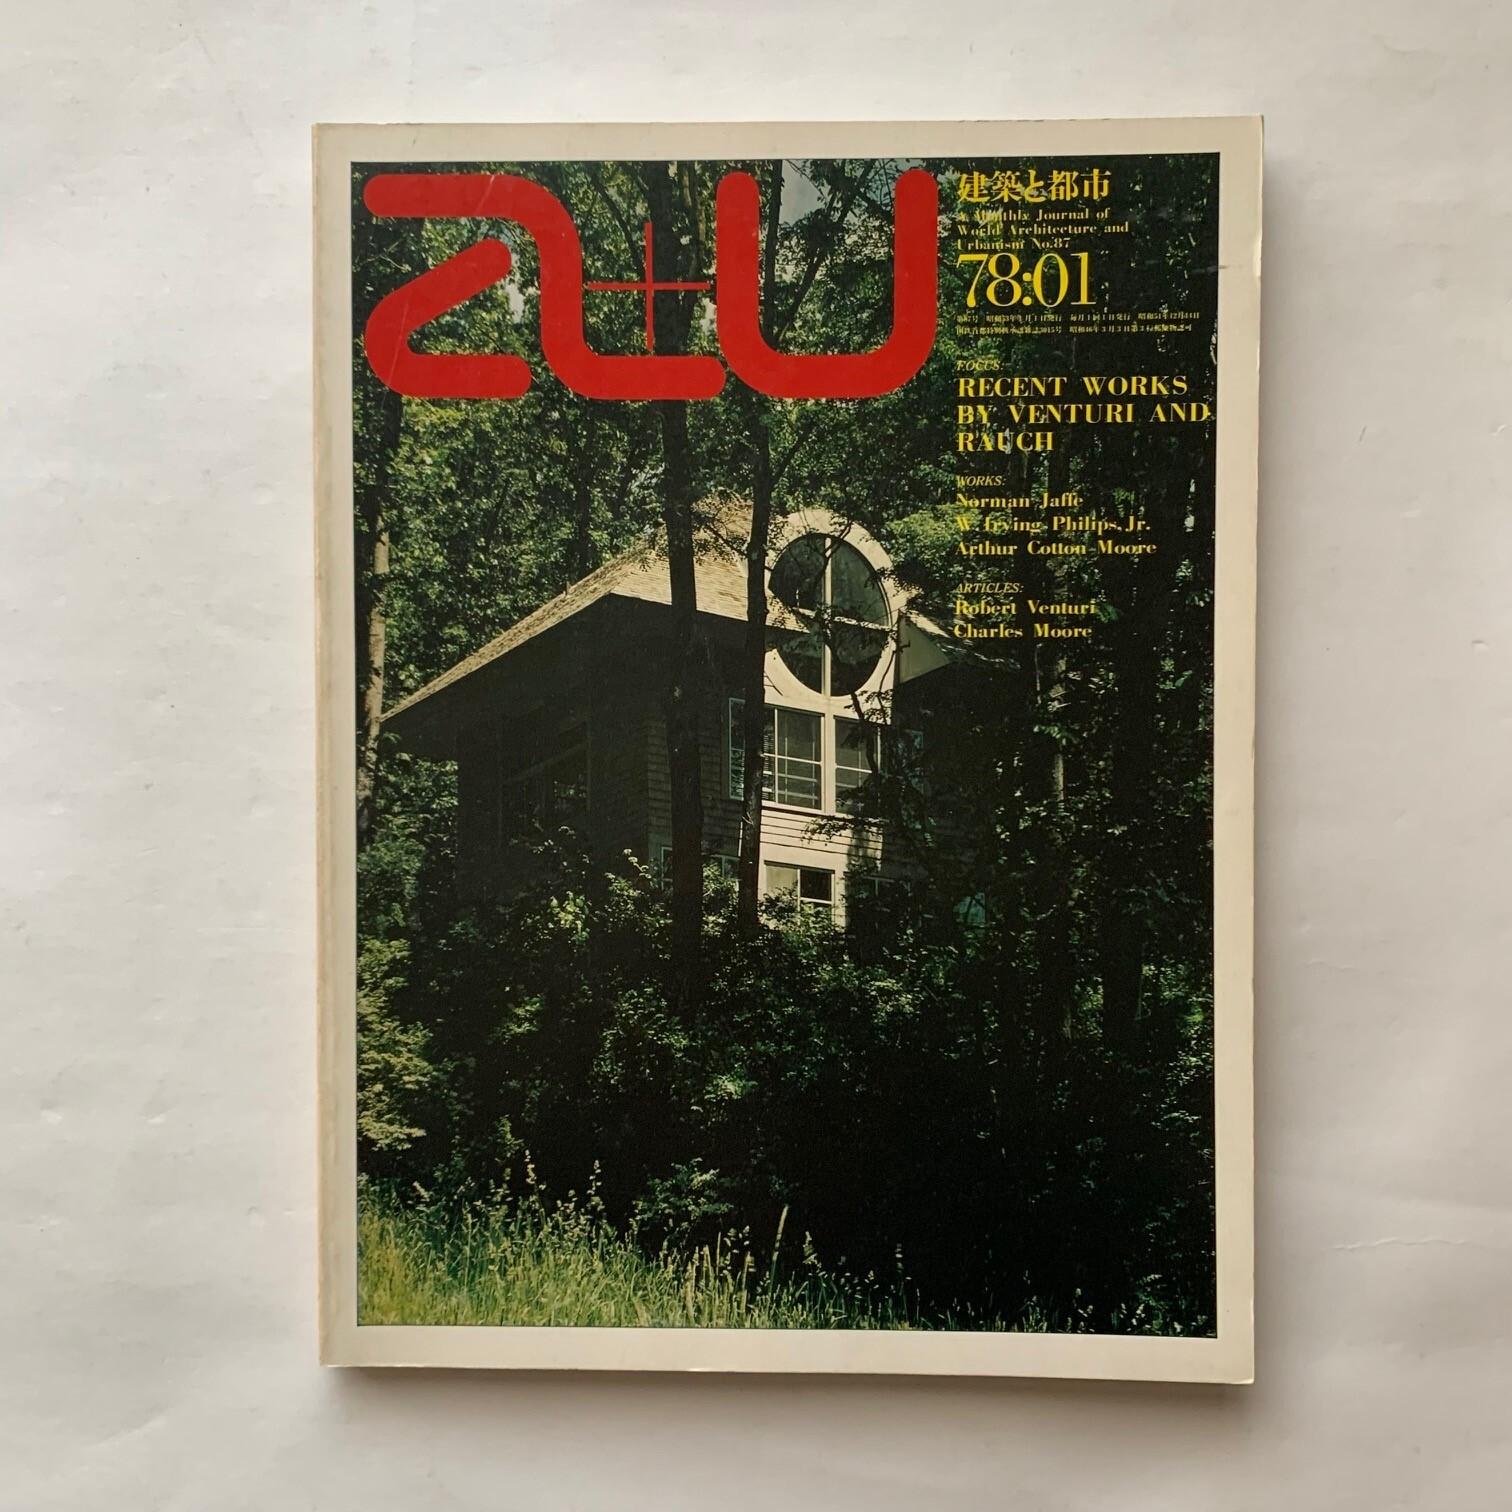 ヴェンチューリ&ローチの最新作9題 / 建築と都市